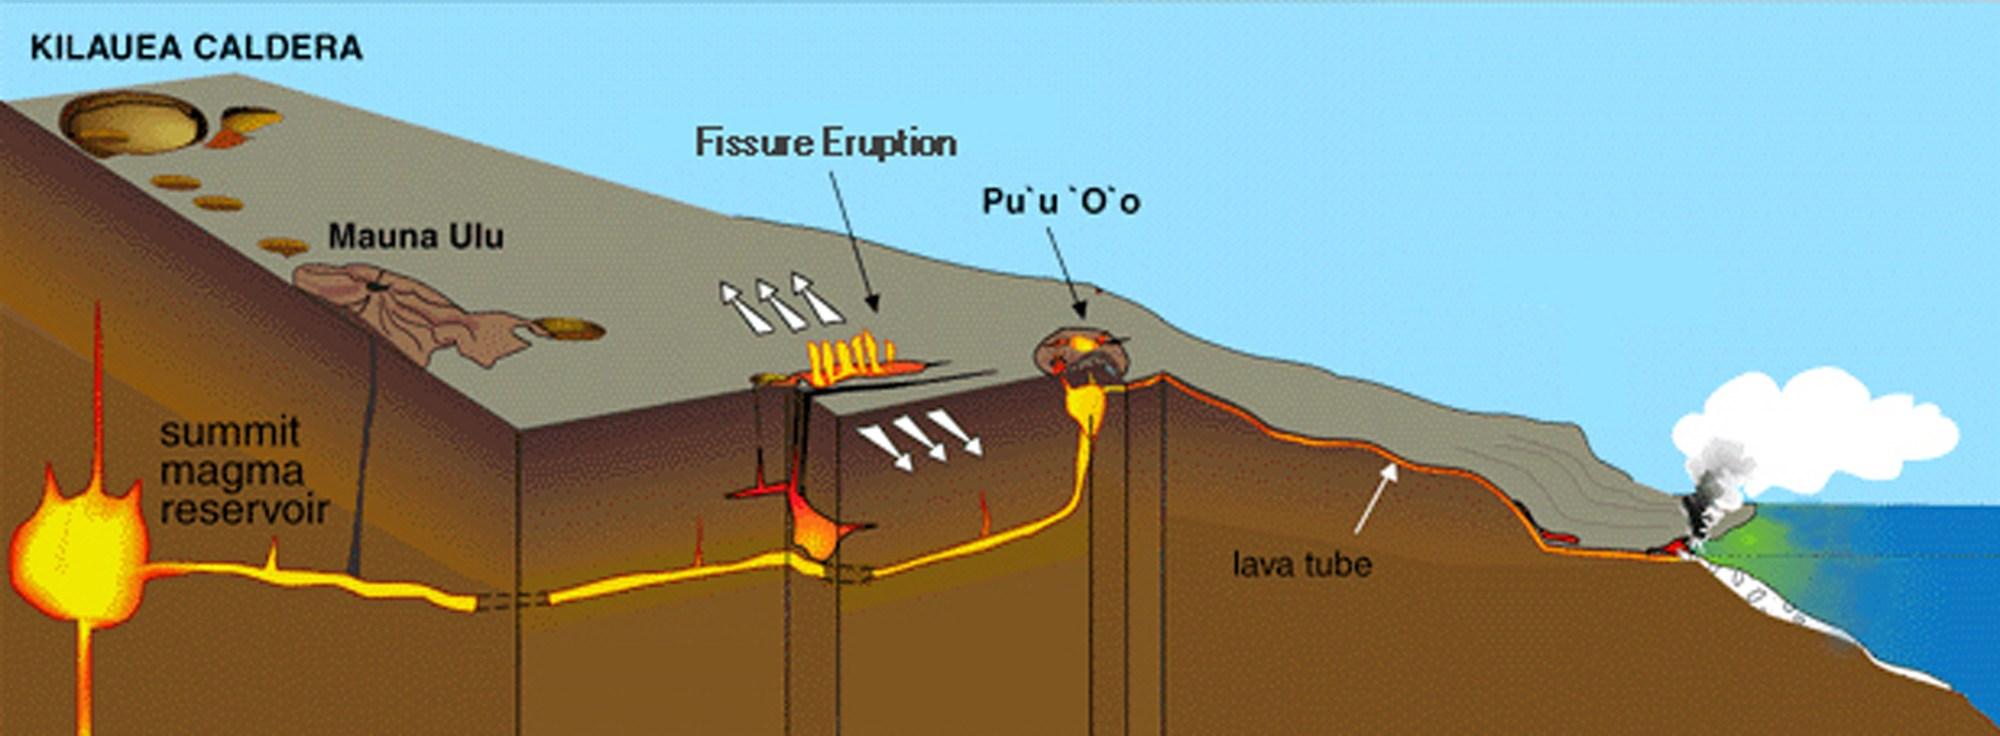 hight resolution of diagram of hawaii s kilauea volcano diagram of hawaiian volcano diagram of a hawaiian volcano